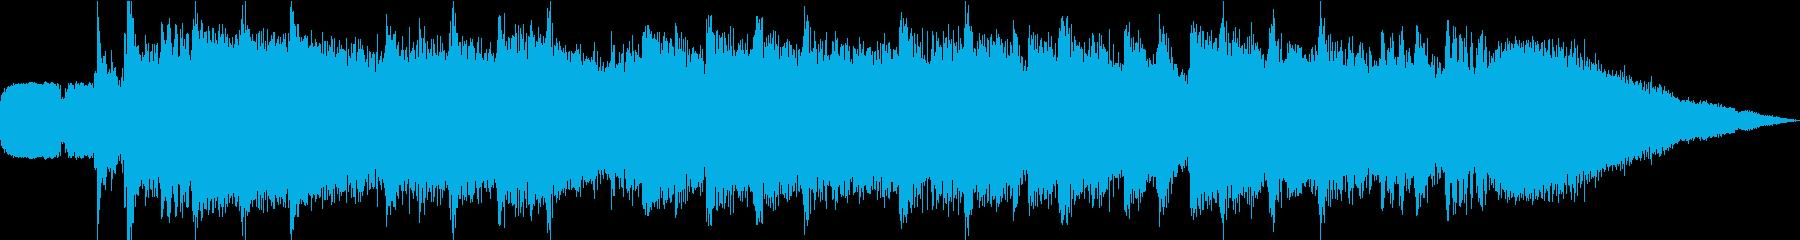 【15秒】爽やかなバイオリン/TVCM用の再生済みの波形